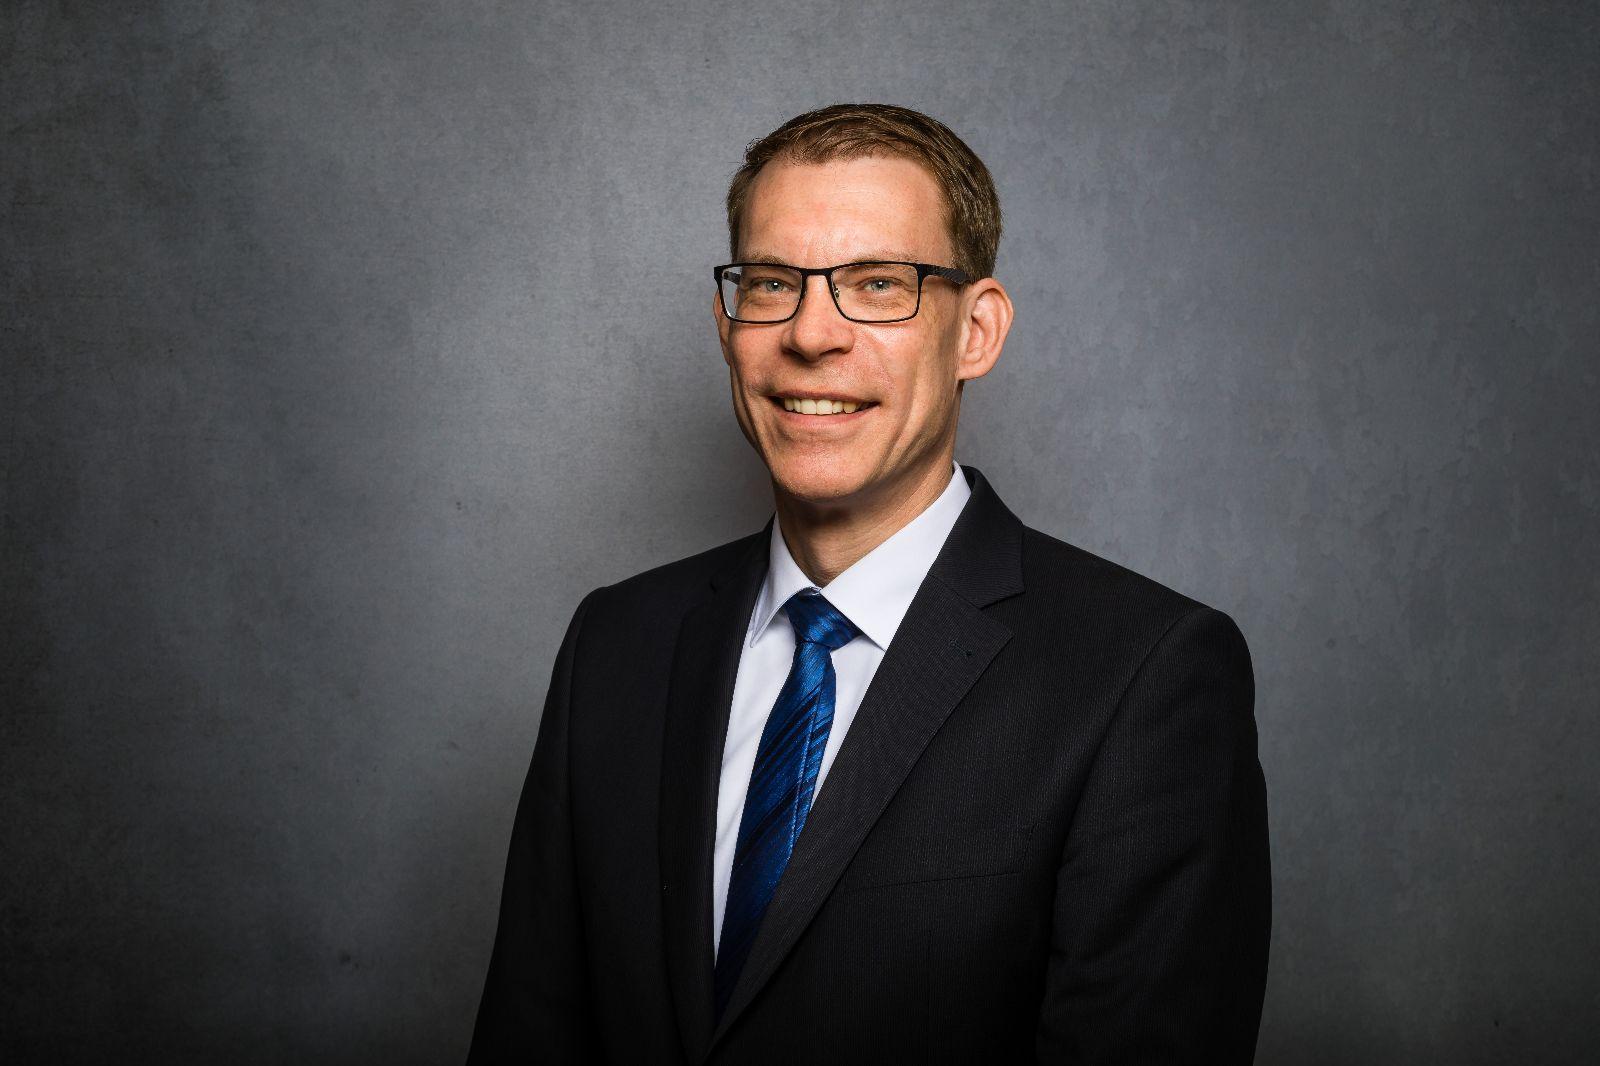 Stefan Metzing Finanzbürgermeister